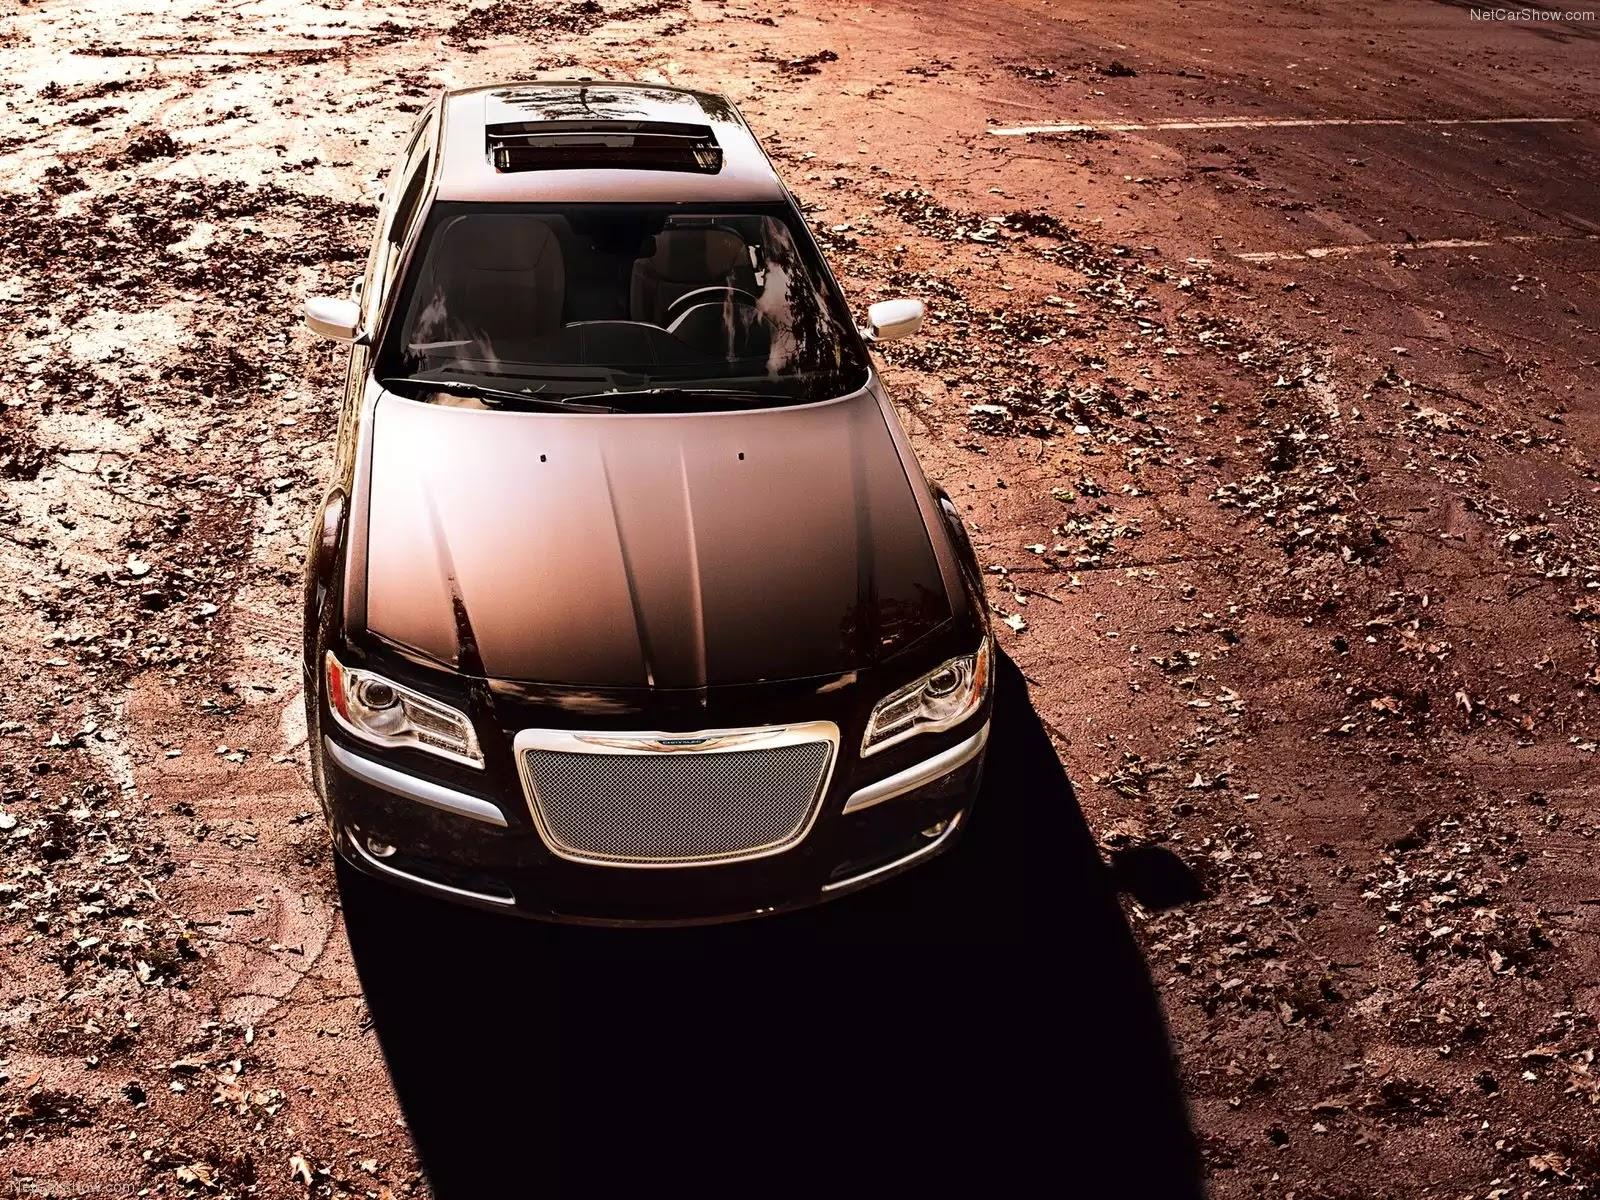 Hình ảnh xe ô tô Chrysler 300 Luxury Series 2012 & nội ngoại thất